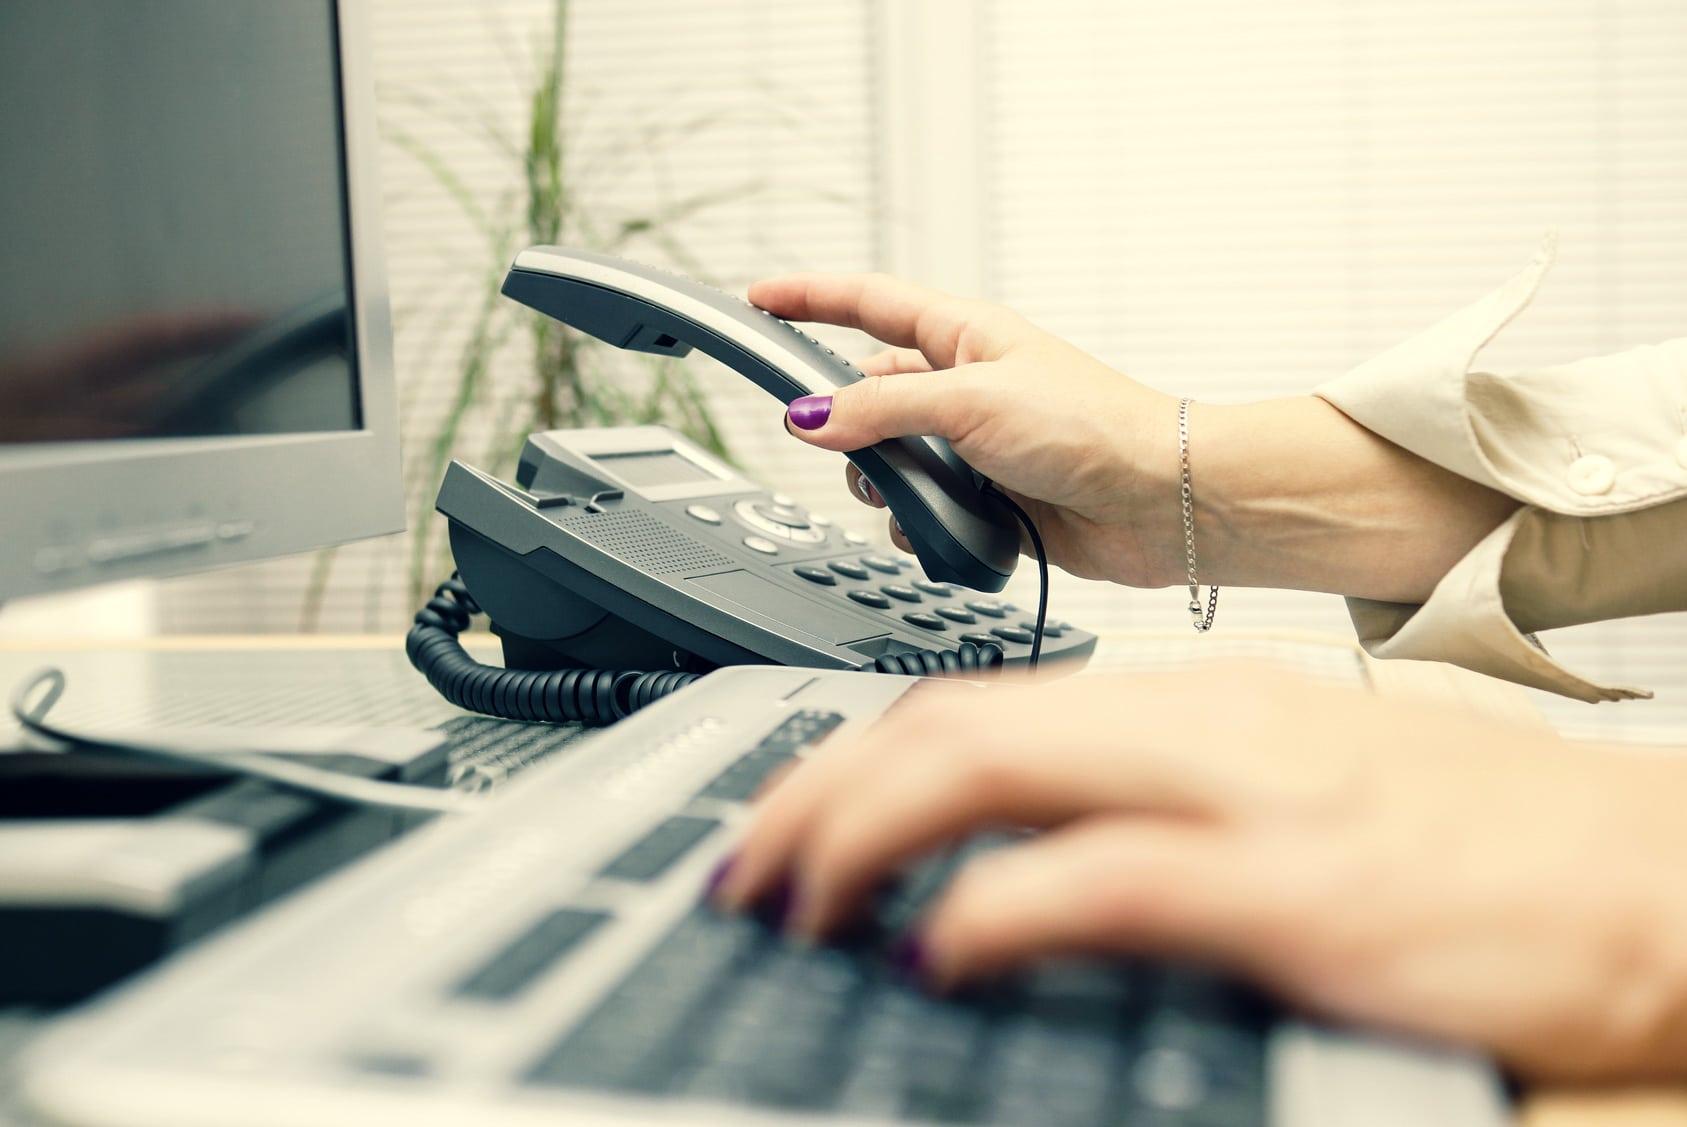 Service client savoir raccrocher le téléphone